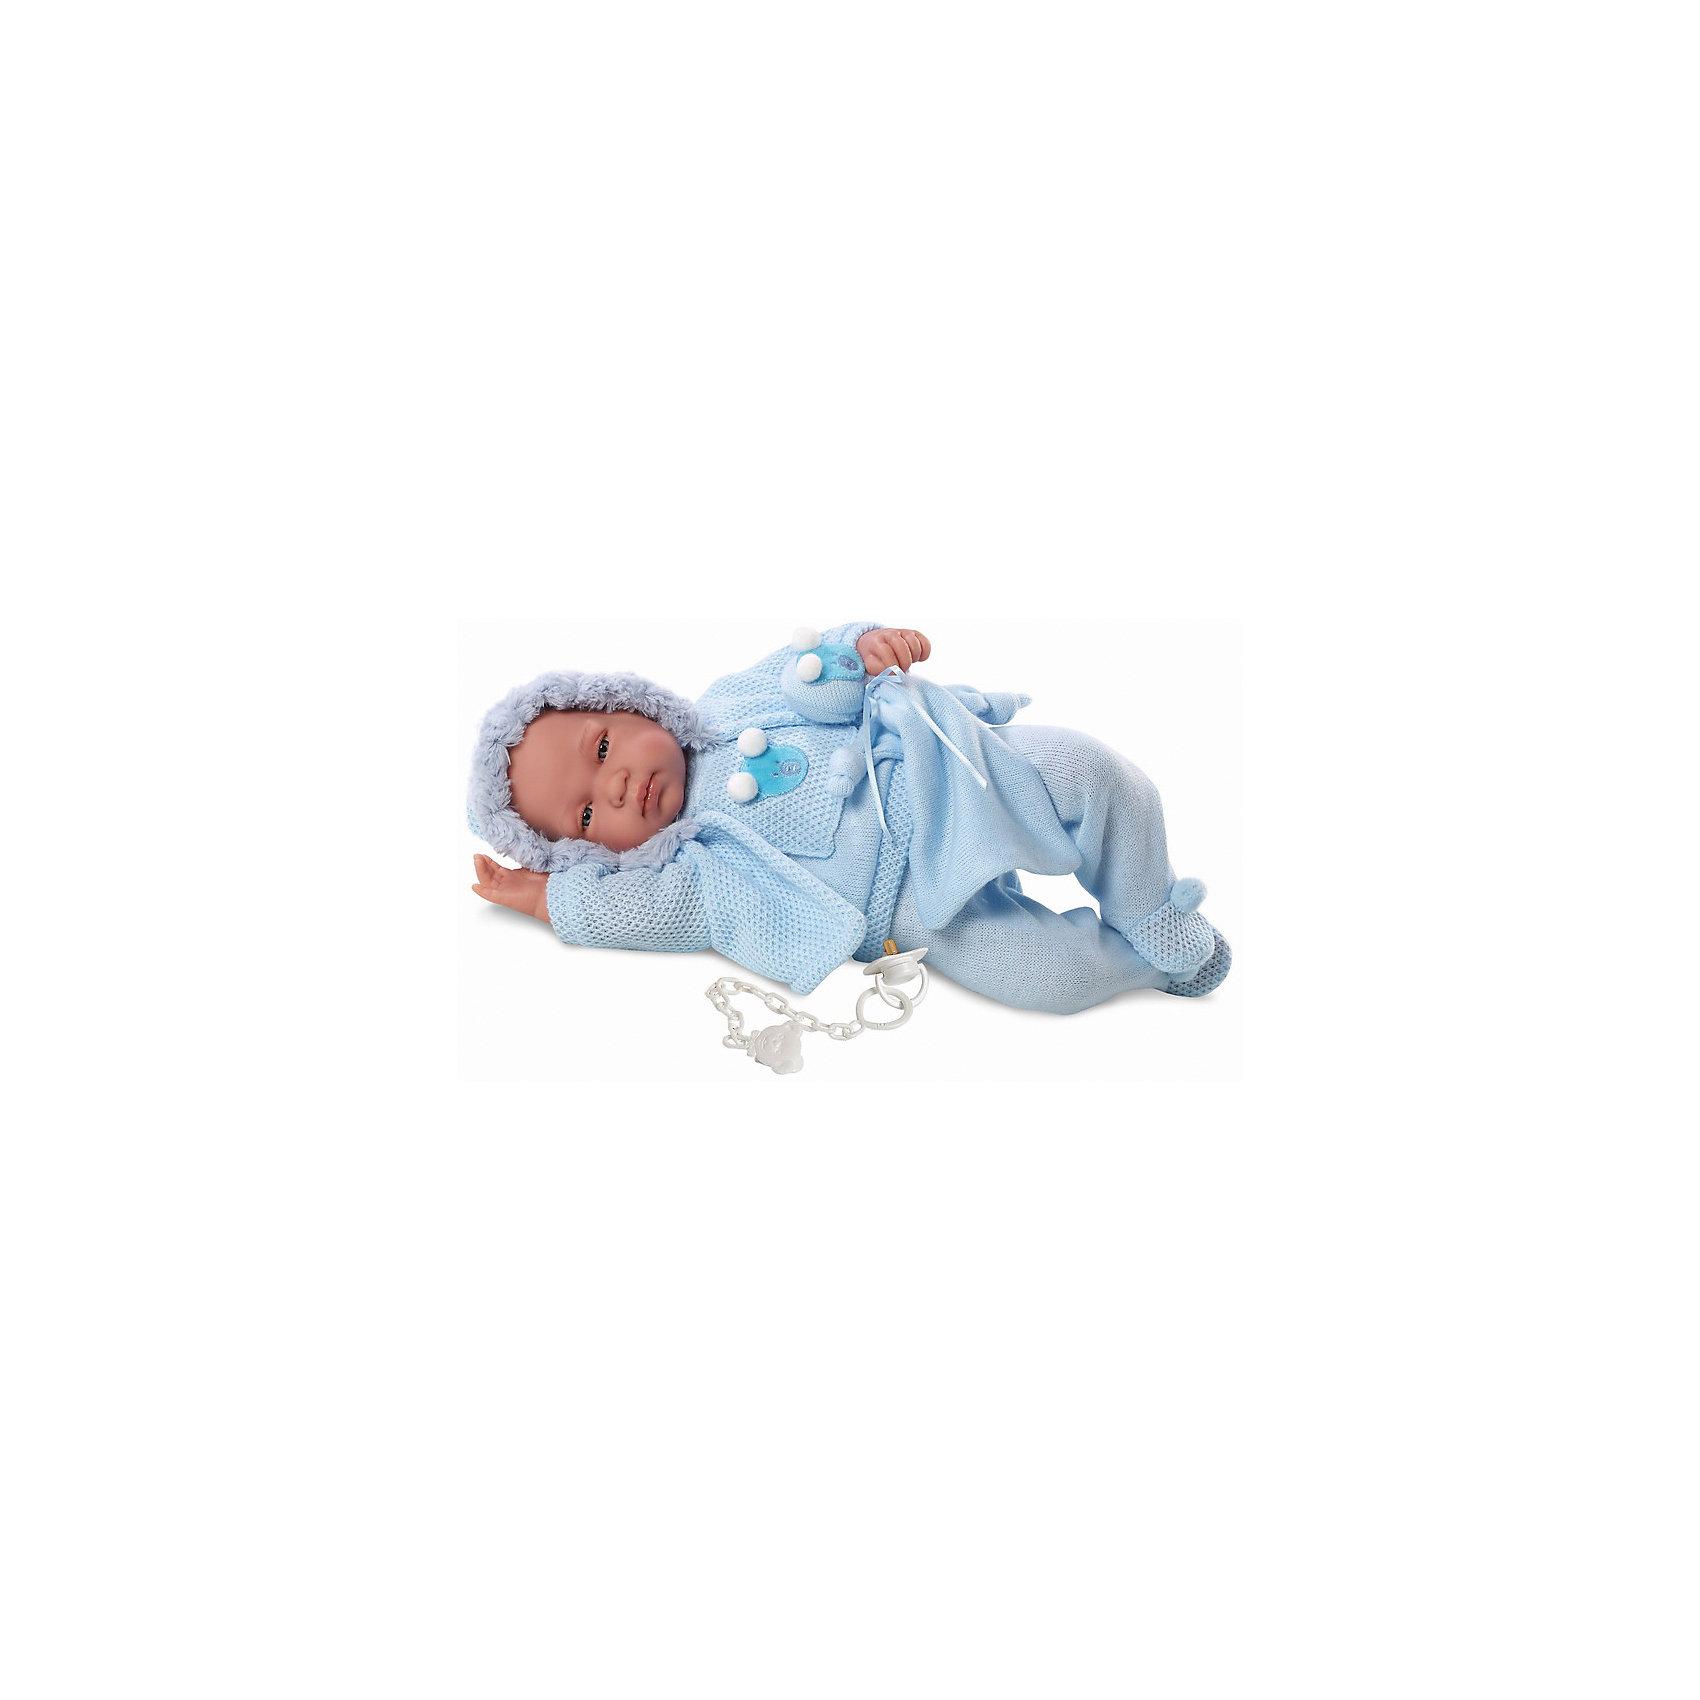 Пупс, 43 см, LlorensХарактеристики товара:<br><br>- цвет: разноцветный;<br>- материал: винил, текстиль;<br>- особенности: плачет, говорит;<br>- мягконабивное тело, пластиковые руки, ноги, голова;<br>- комплектация: кукла, одежда, красивая коробка;<br>- батарейки в комплекте: 3хLR44;<br>- размер куклы: 43 см.<br><br>Такие красивые куклы от известного испанского бренда не оставят ребенка равнодушным! Какая девочка откажется поиграть с куклой, которая выглядит и ведет себя почти как настоящий ребенок?! Игрушка отлично детализирована, очень качественно выполнена, поэтому она станет замечательным подарком ребенку. Она умеет плакать - нужно вынуть из рта соску, а также может говорить мама и папа!<br>Кукла красиво одета - наряд соответствует её возрасту. Продается она в красивой подарочной коробке. Изделие произведено из высококачественного материала, безопасного для детей.<br><br>Куклу Пупс, 43 см, от бренда Llorens можно купить в нашем интернет-магазине.<br><br>Ширина мм: 23<br>Глубина мм: 46<br>Высота мм: 13<br>Вес г: 1400<br>Возраст от месяцев: 36<br>Возраст до месяцев: 84<br>Пол: Женский<br>Возраст: Детский<br>SKU: 5086936